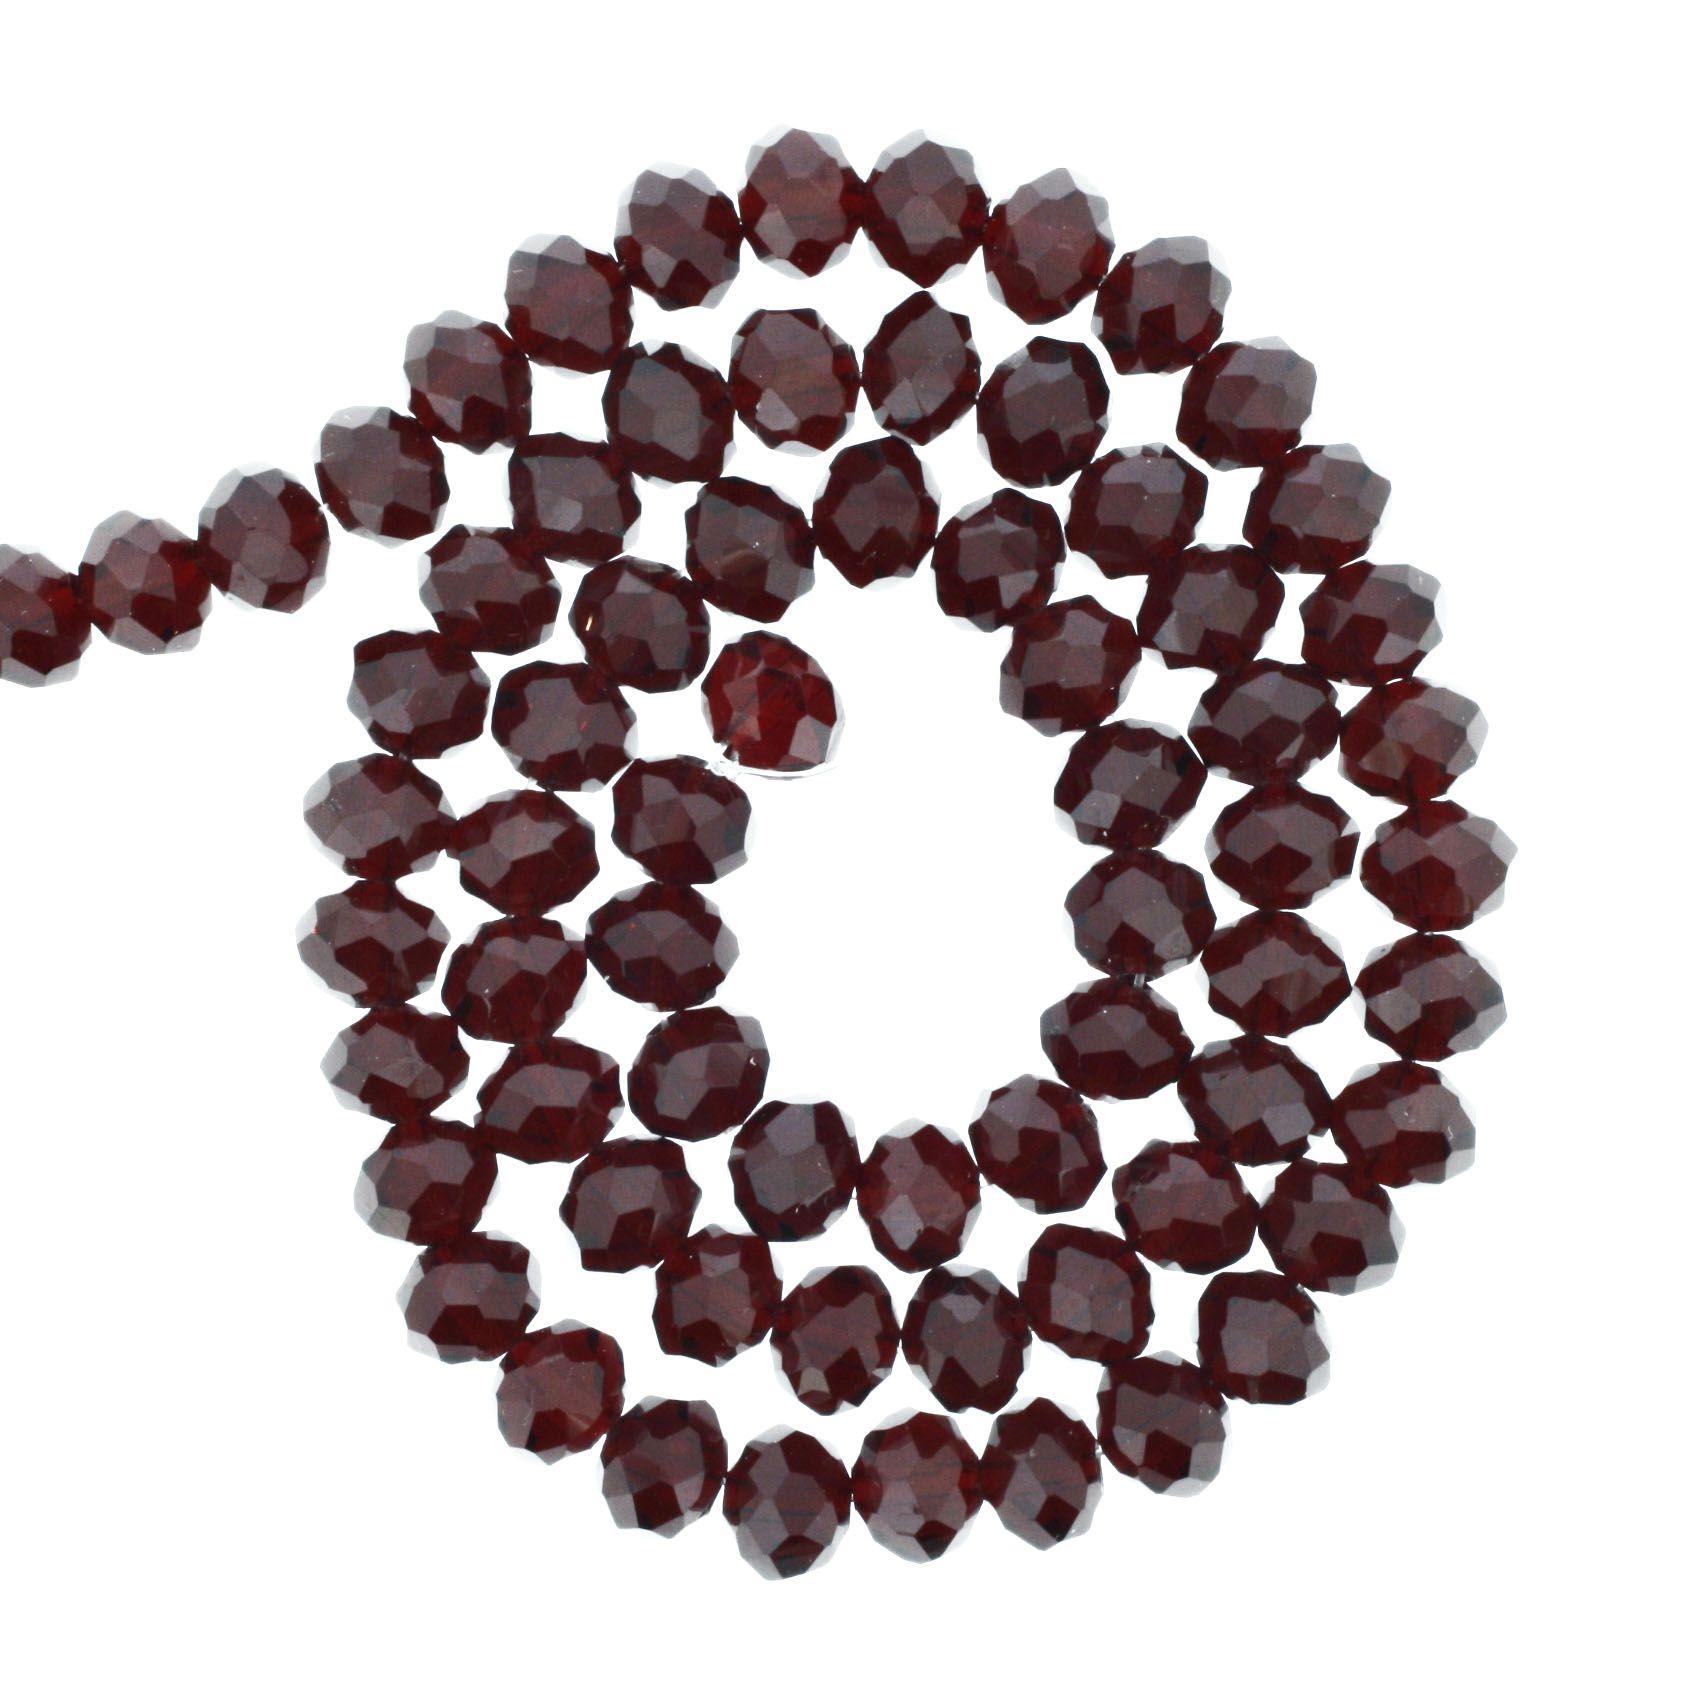 Fio de Cristal - Piatto® - Vermelho Escuro Transparente - 8mm  - Universo Religioso® - Artigos de Umbanda e Candomblé